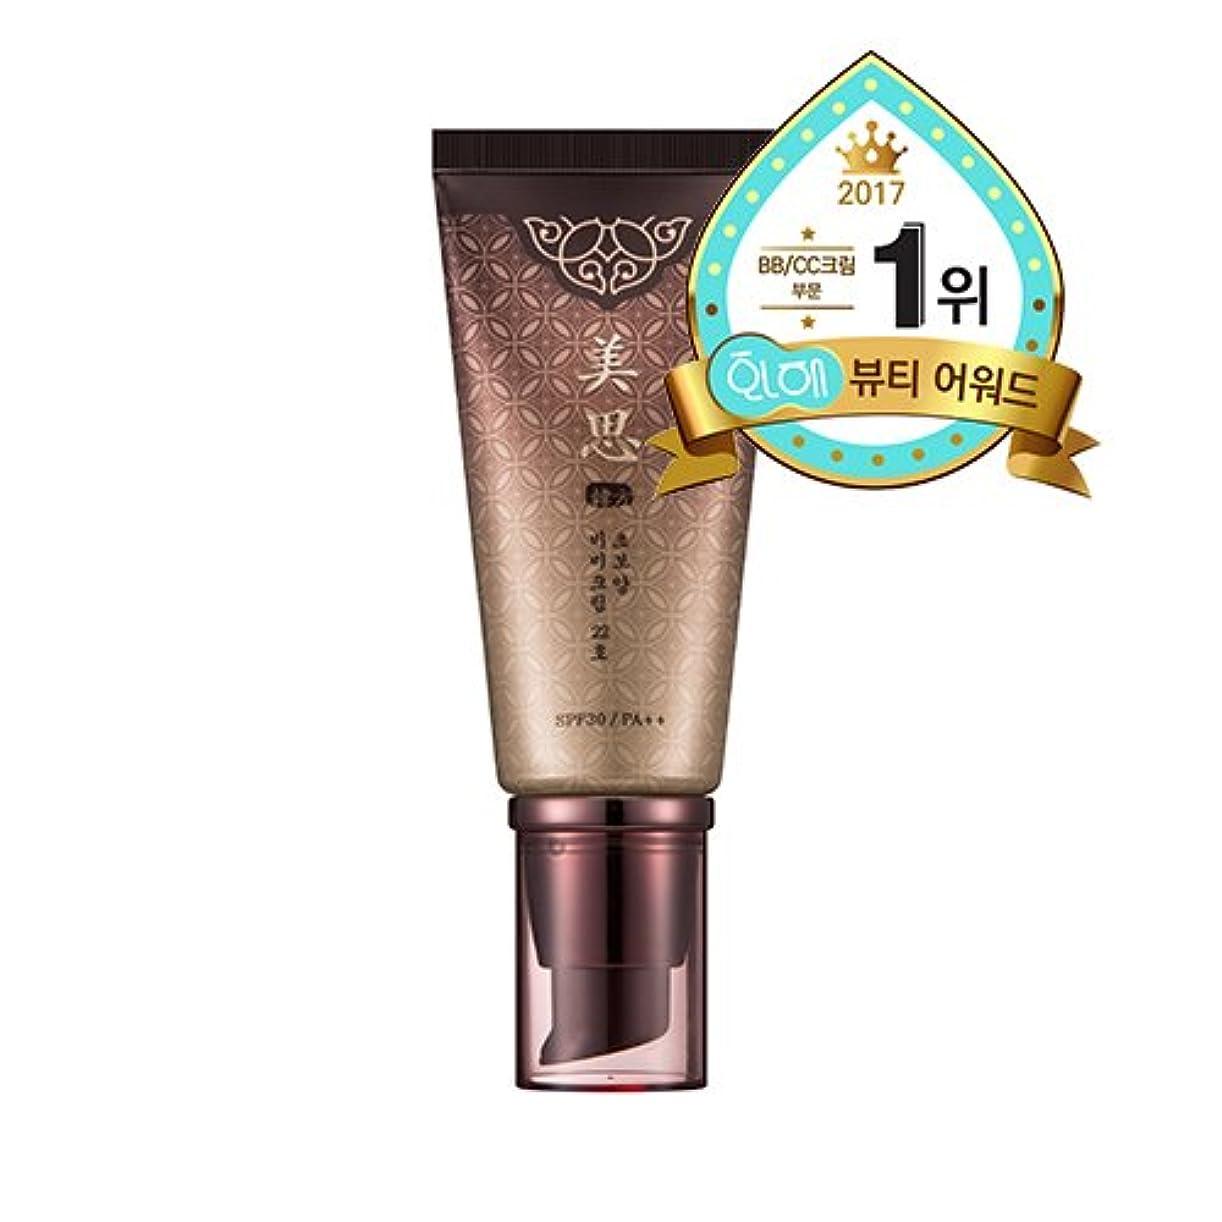 フォーク栄光の取り替えるMISSHA Choboyang BB Cream #22/ミシャ 美思 超補養 (チョボヤン) BBクリーム SPF30/PA++ 50ml [並行輸入品]